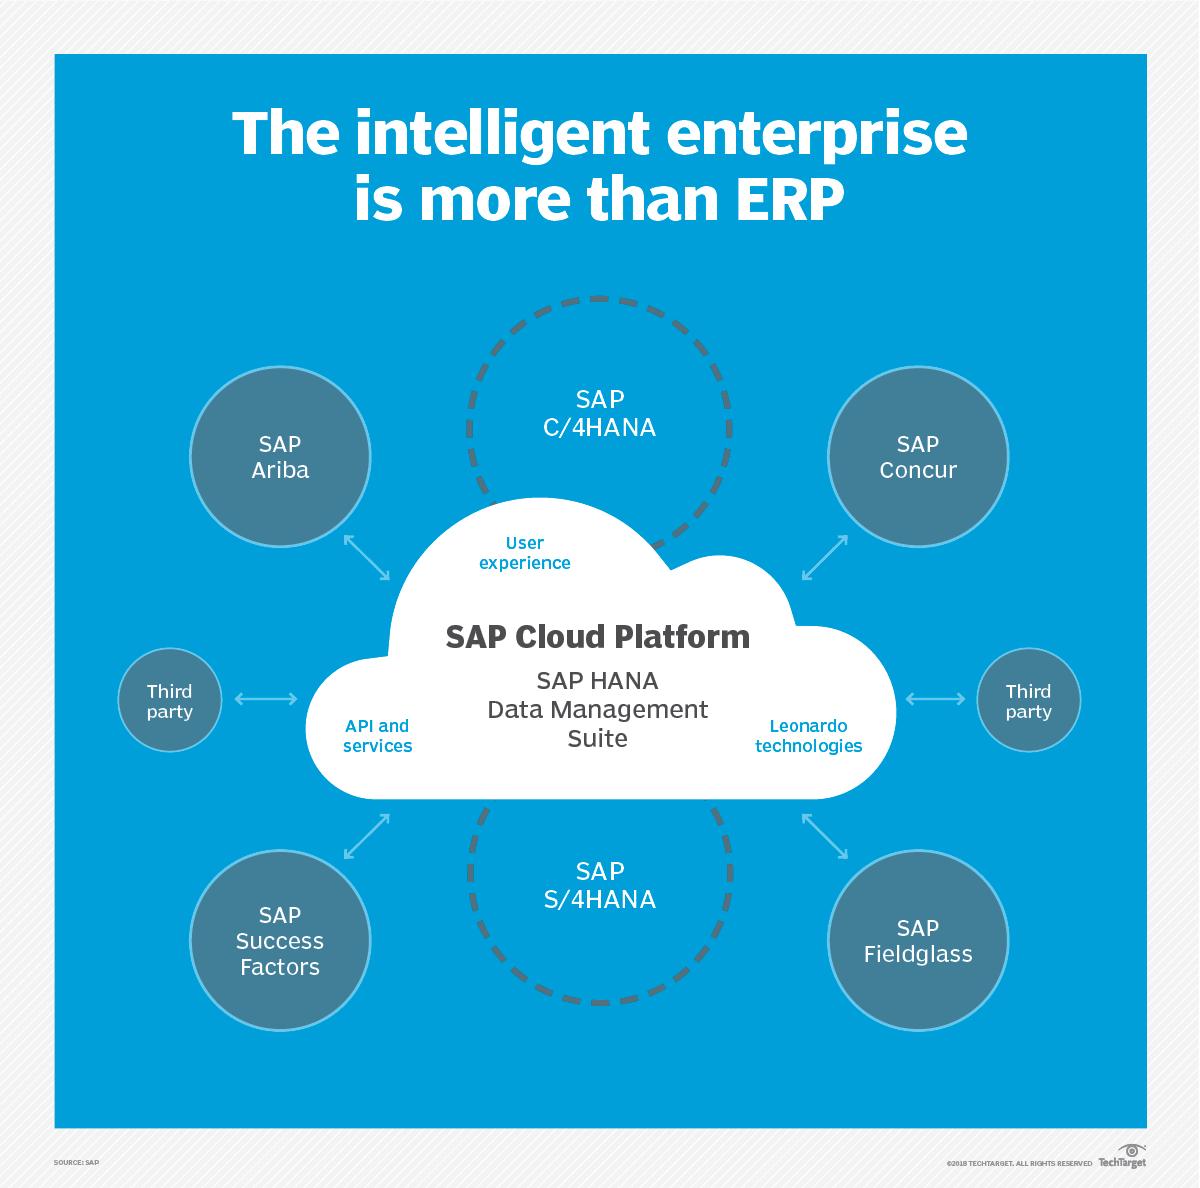 Sap Concur Integration With Sap Erp